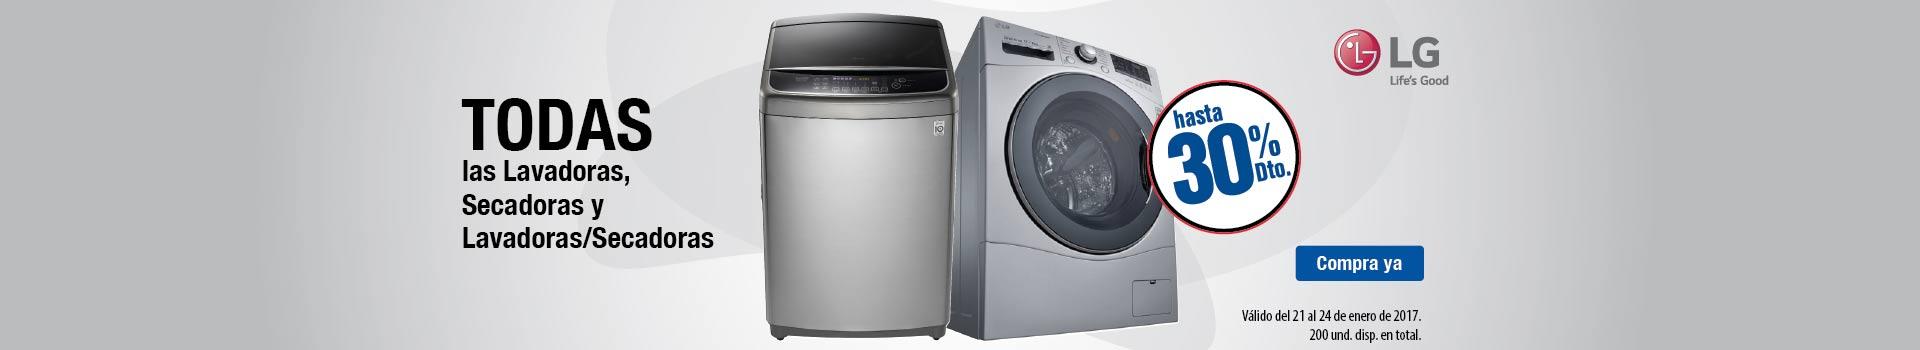 CAT ELECT - enero 21 - Hasta 30%Dto en TODO lavado LG